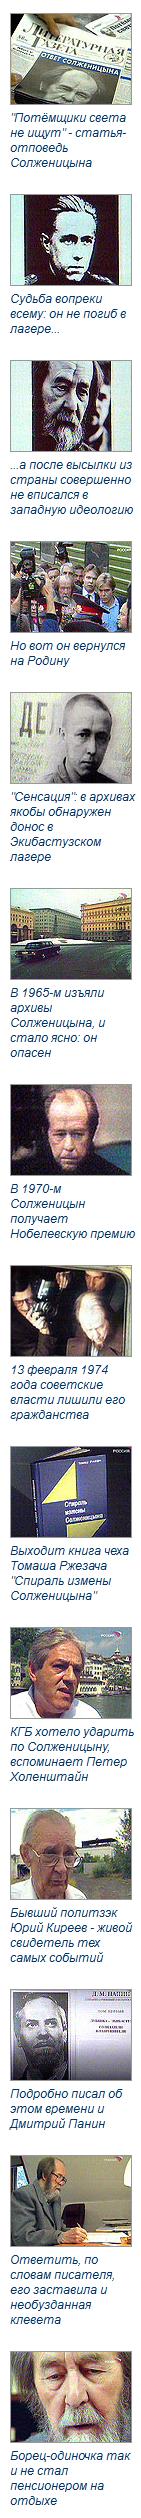 FX-20190915_14-07-n618-Вести Недели _ Из небытия извлекли фальшивку 30-летней давности-old.vesti7.ru